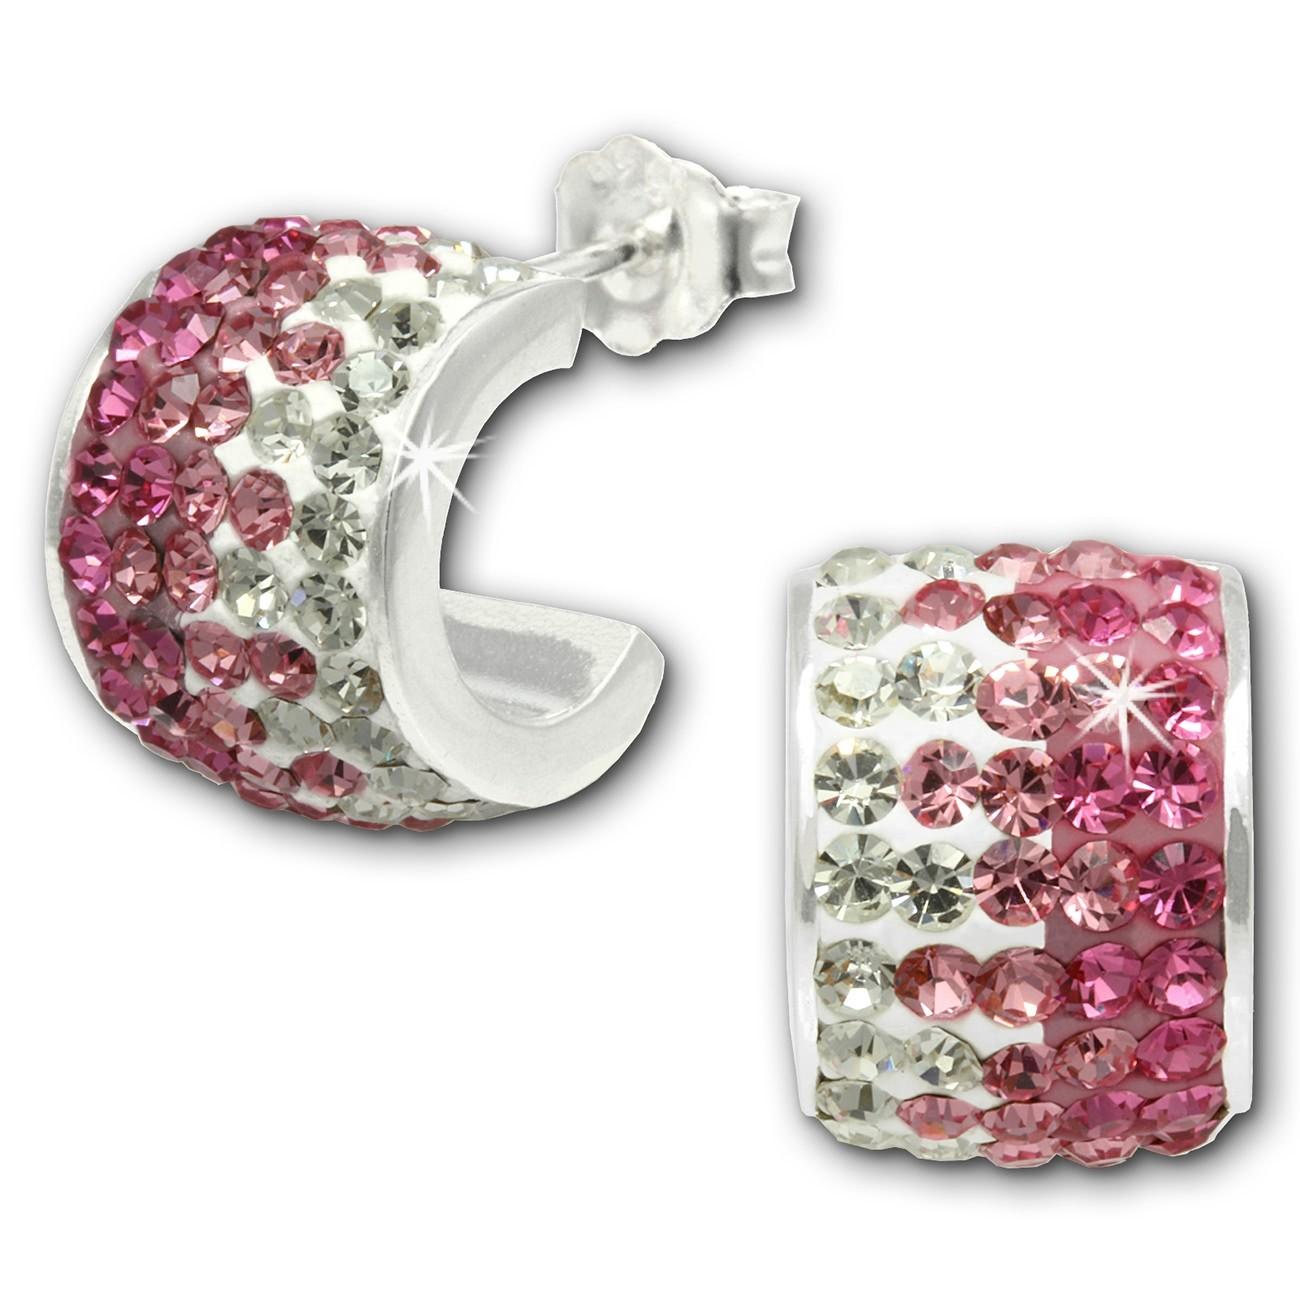 SilberDream Glitzer Creole Beauty Preciosa Kristalle rosa GSO010A